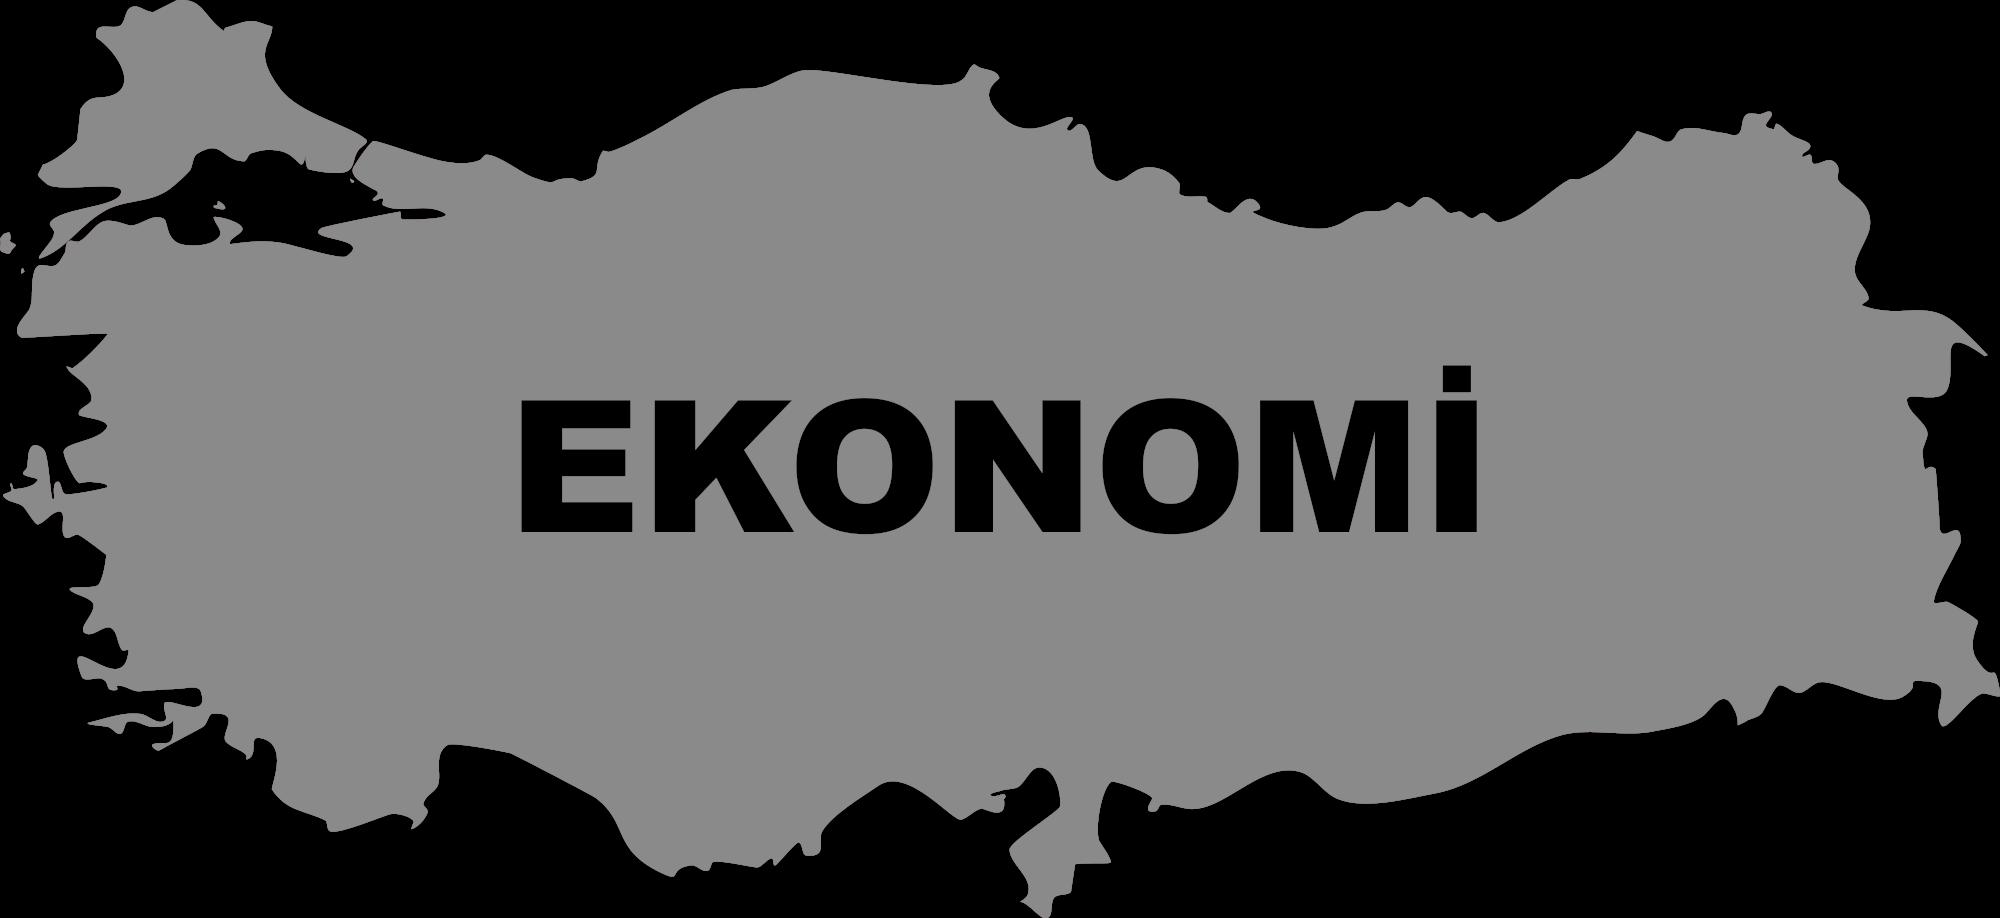 Ukrayna ekonomisi: sorunlar ve çözümleri 66